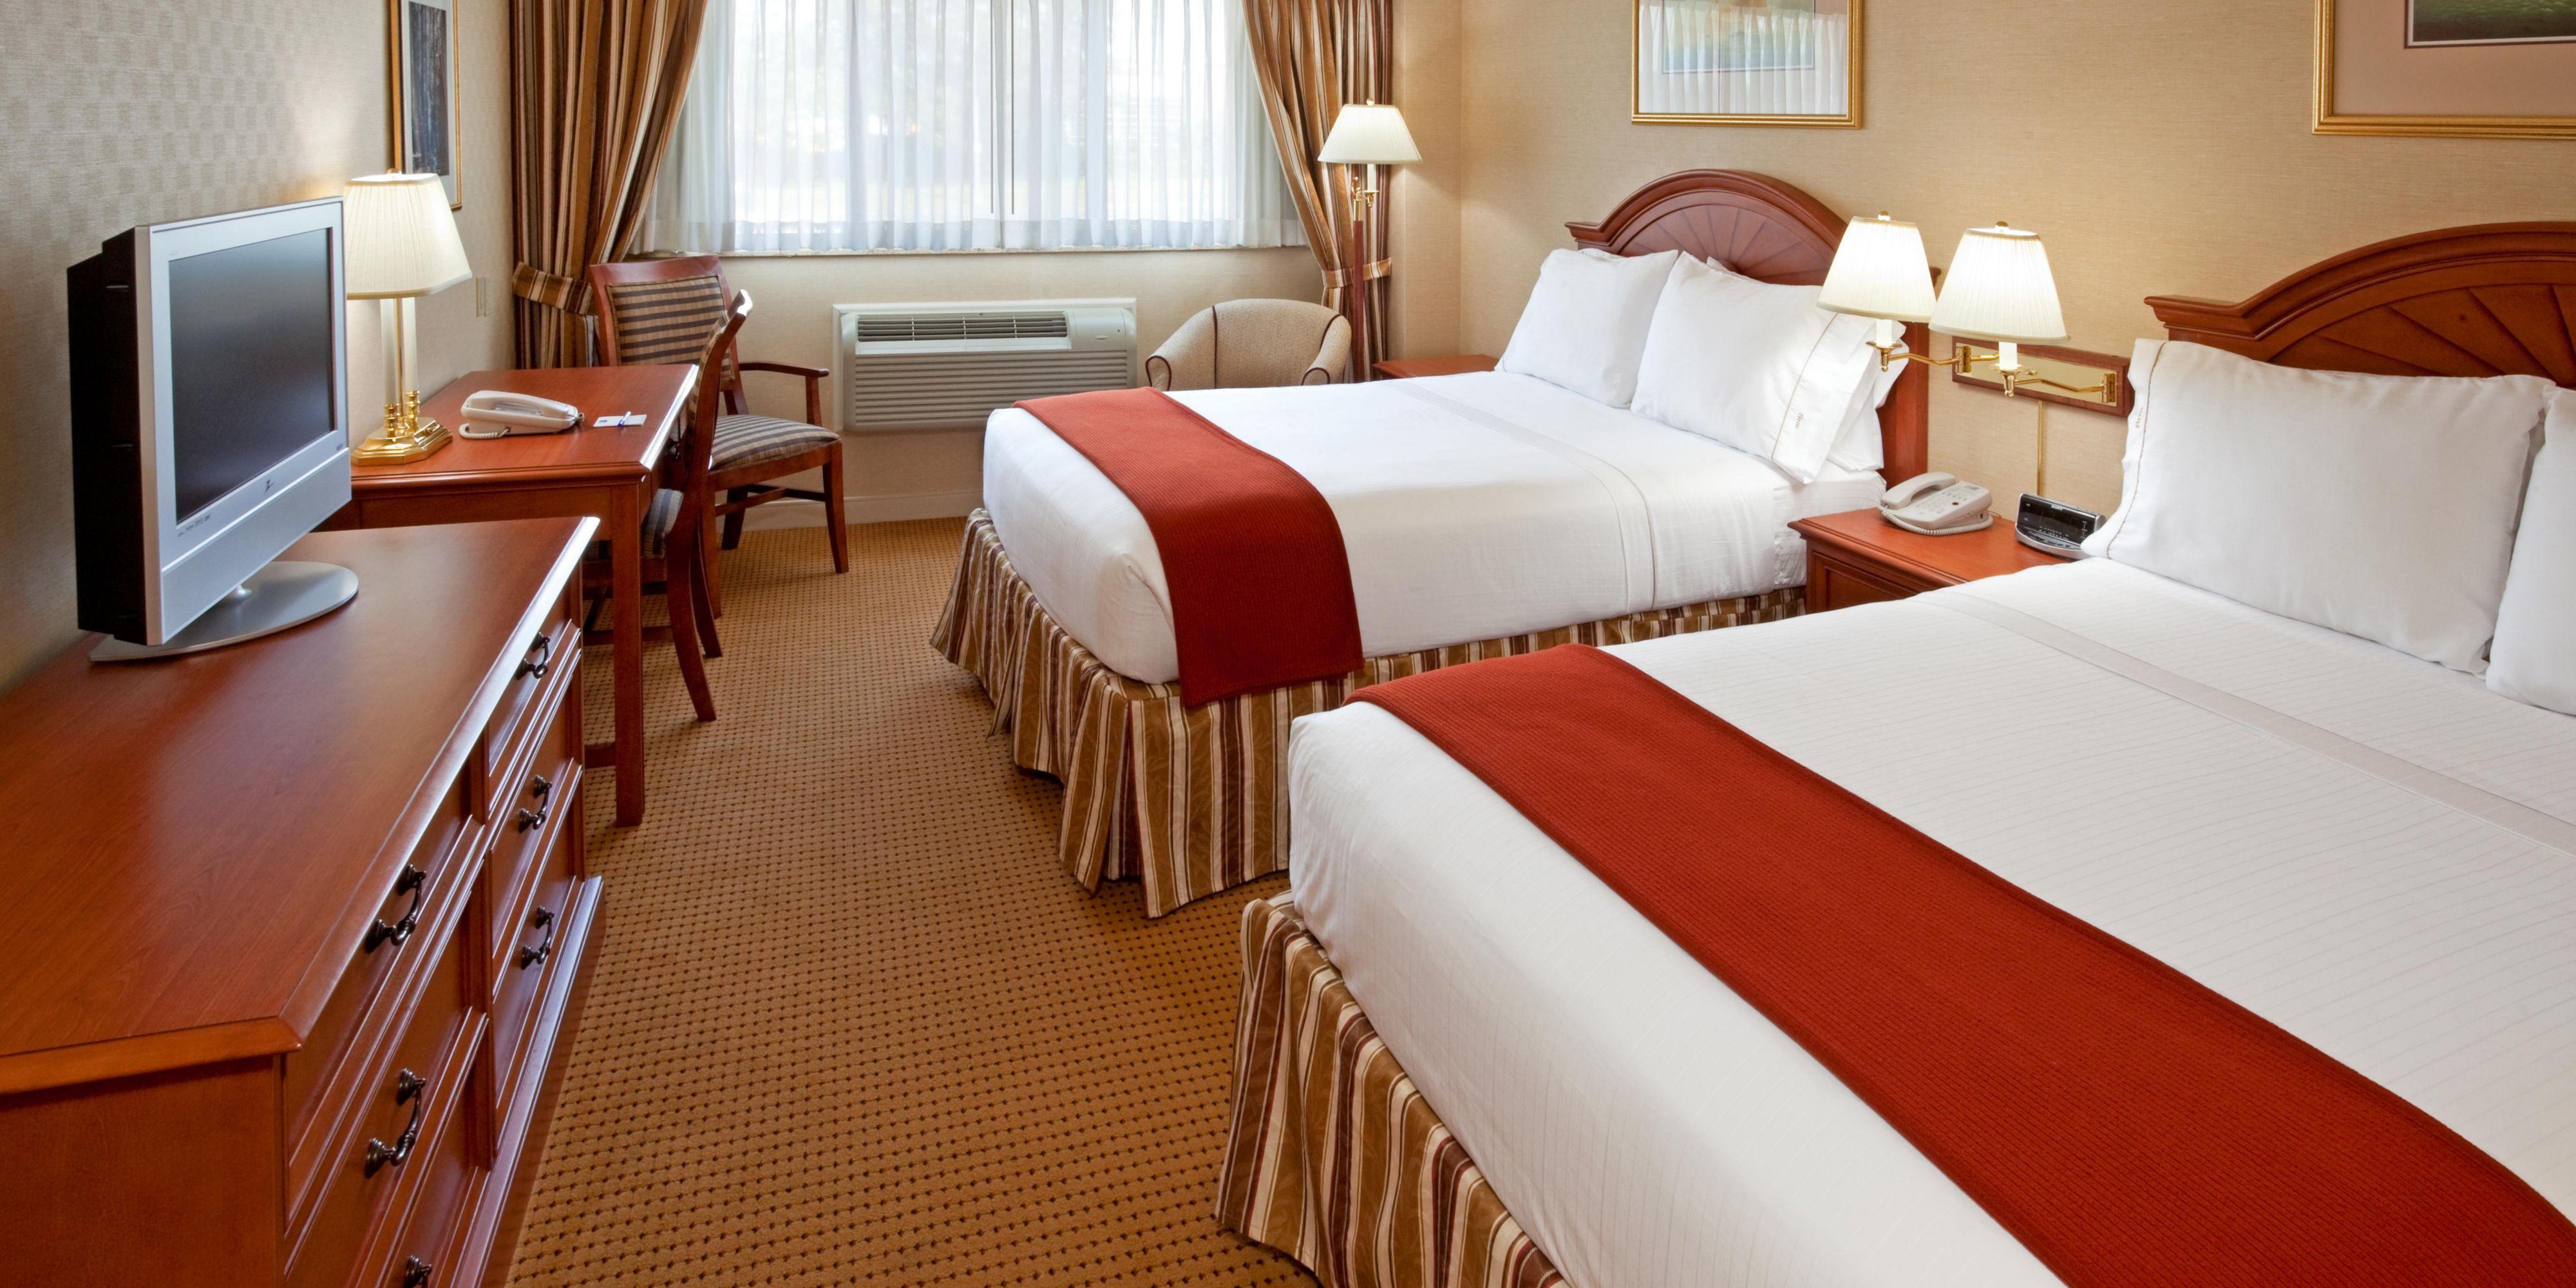 Holiday Inn Express Lynbrook 2533122607 2x1